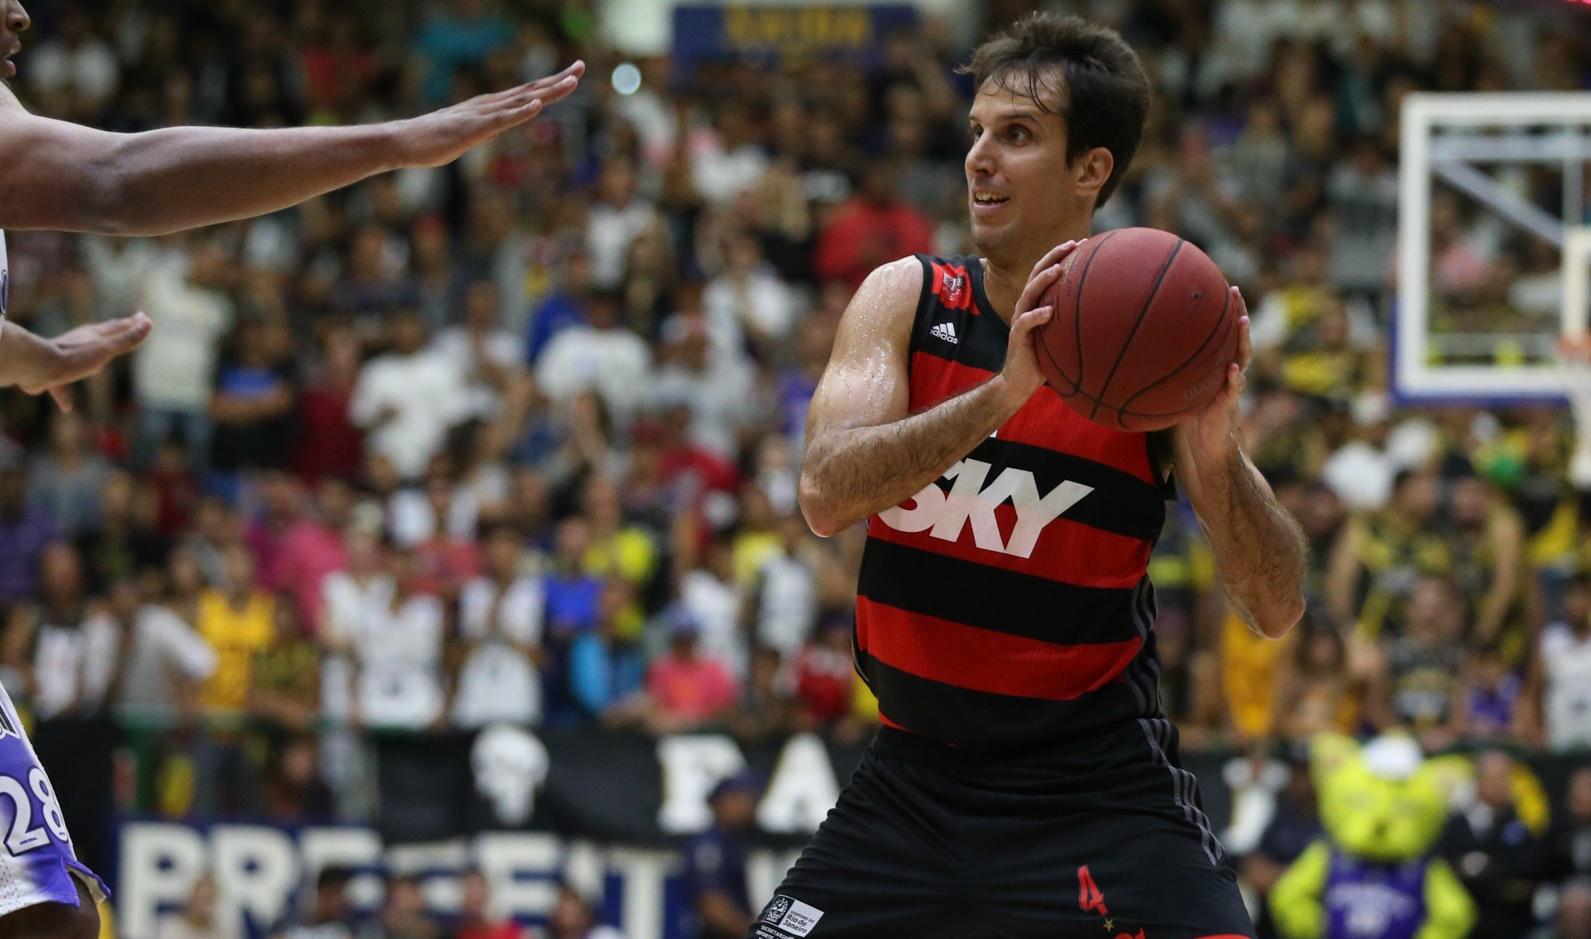 Mogi das Cruzes (SP) - Mogi das Cruzes e Flamengo se enfrentam na quarta partida da série semifinal do NBB CAIXA. ©Luiz Pires/LNB